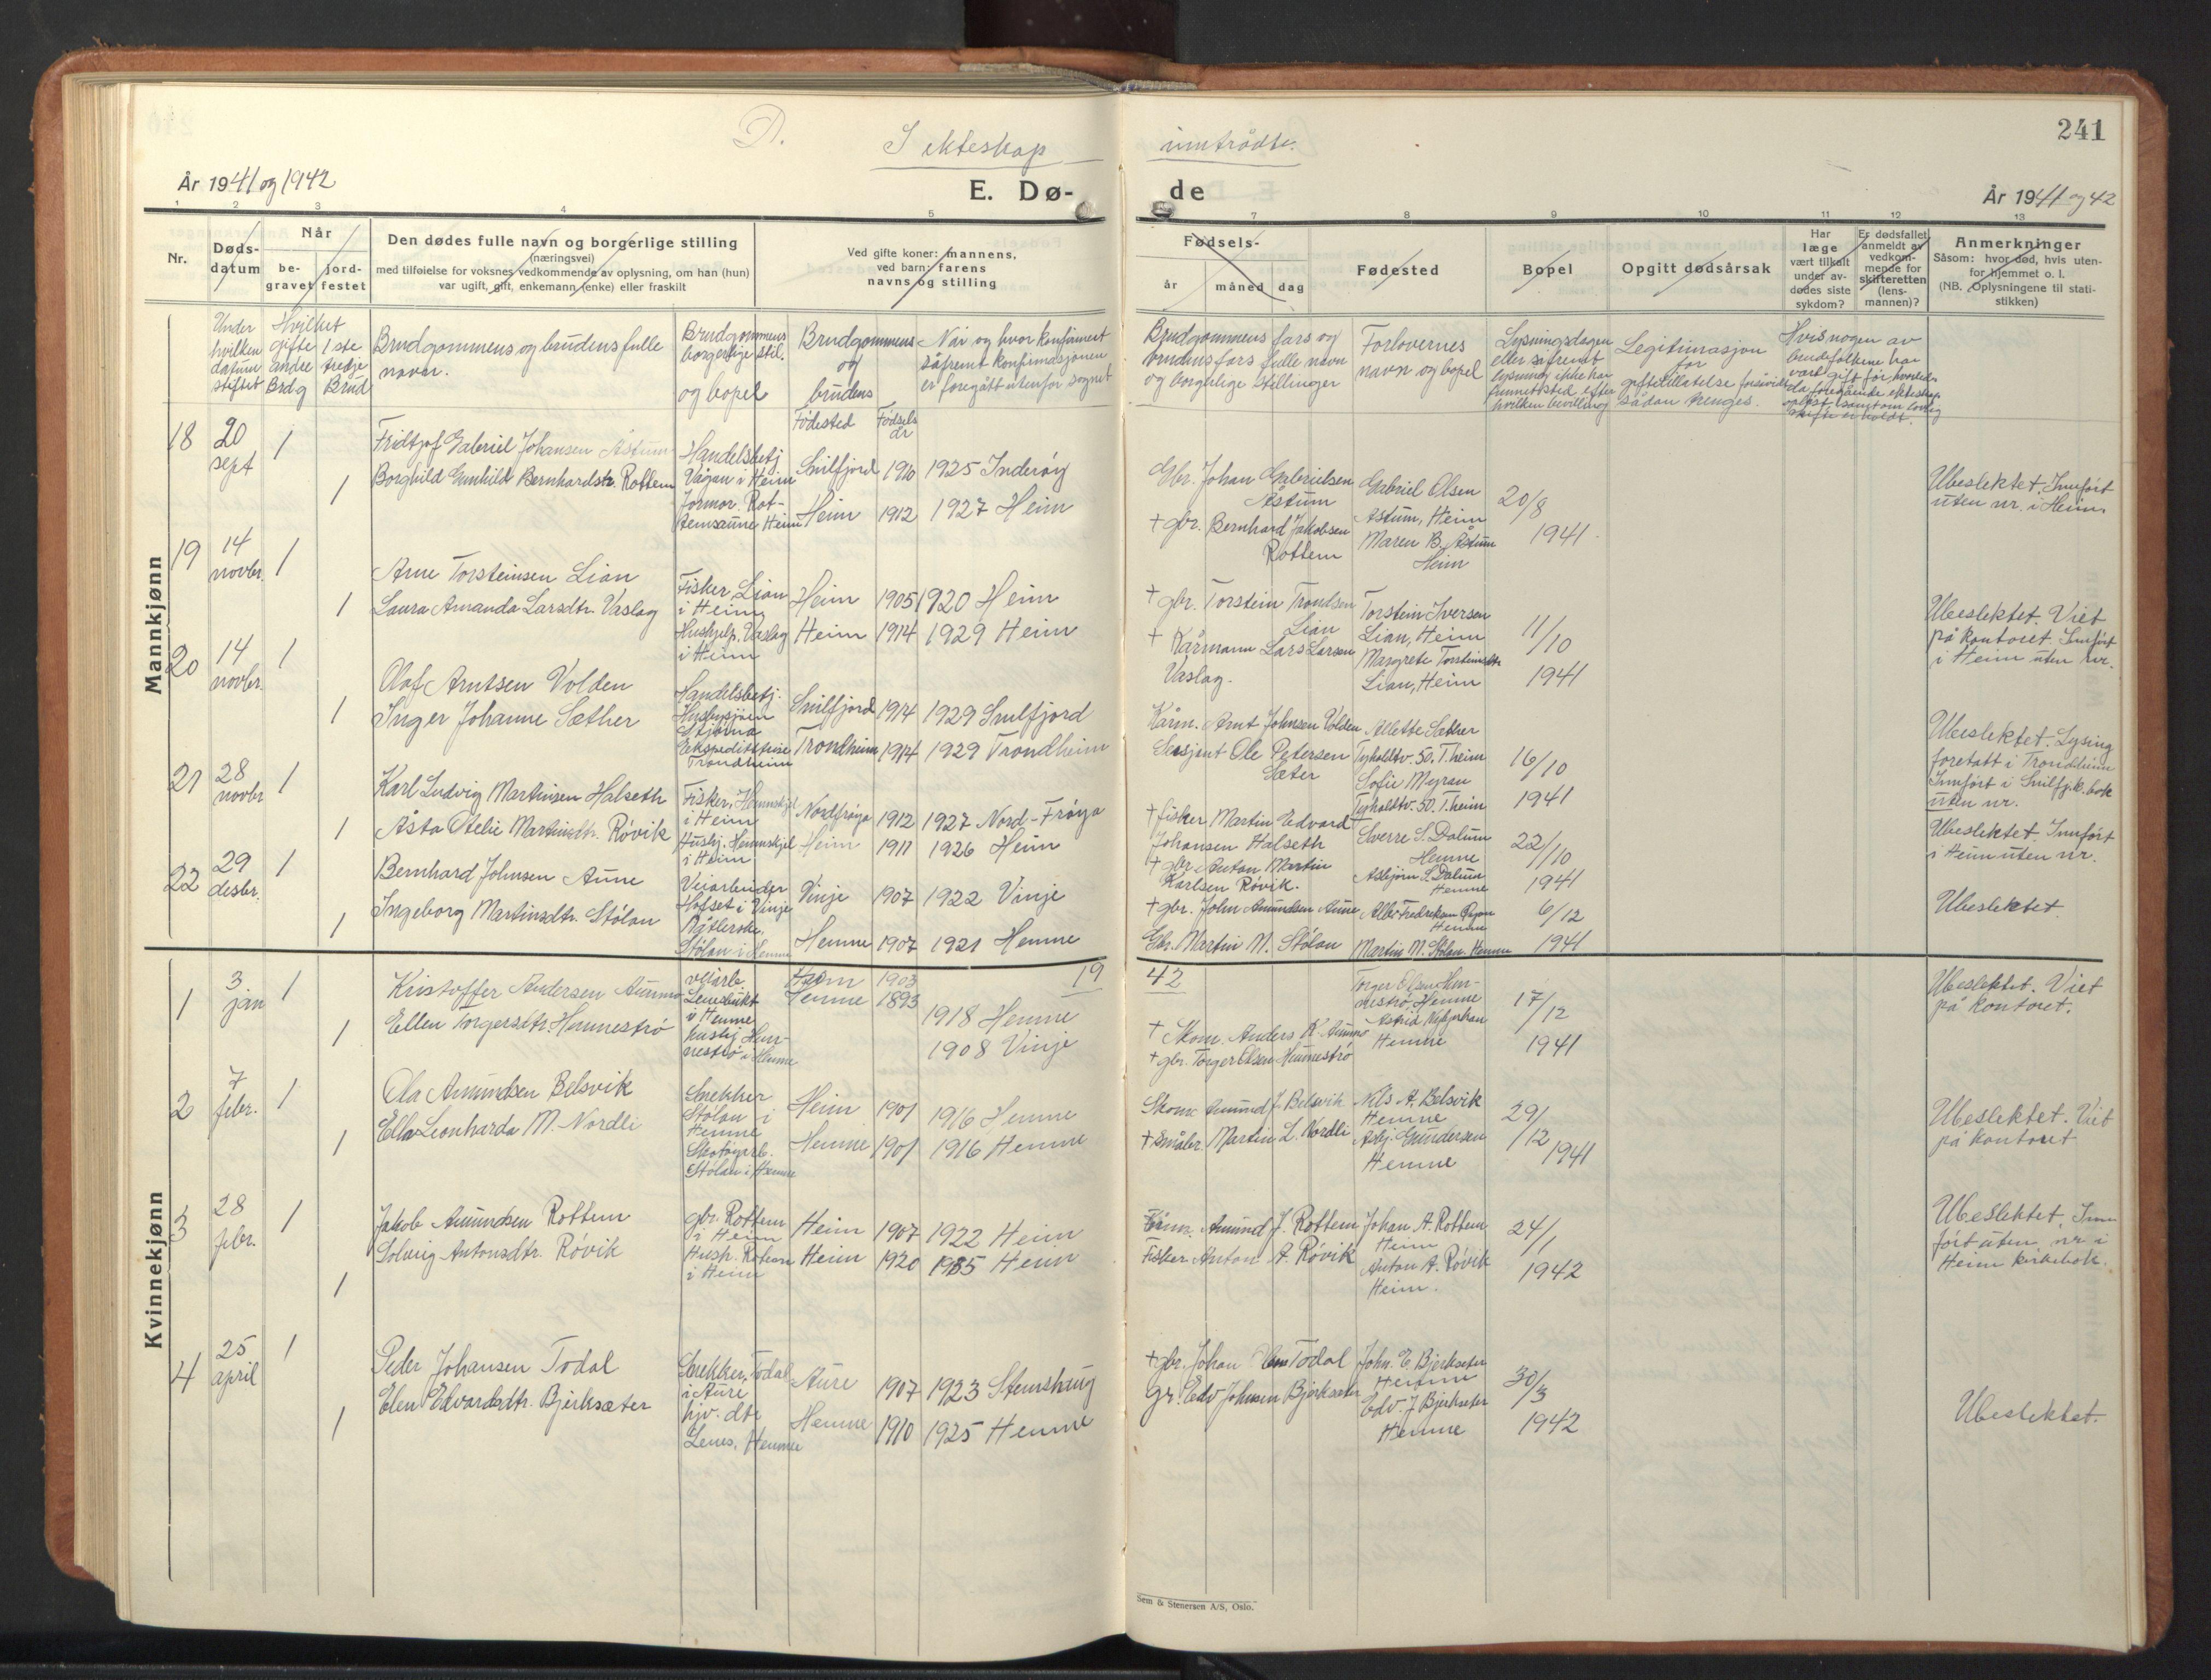 SAT, Ministerialprotokoller, klokkerbøker og fødselsregistre - Sør-Trøndelag, 630/L0508: Klokkerbok nr. 630C06, 1933-1950, s. 241